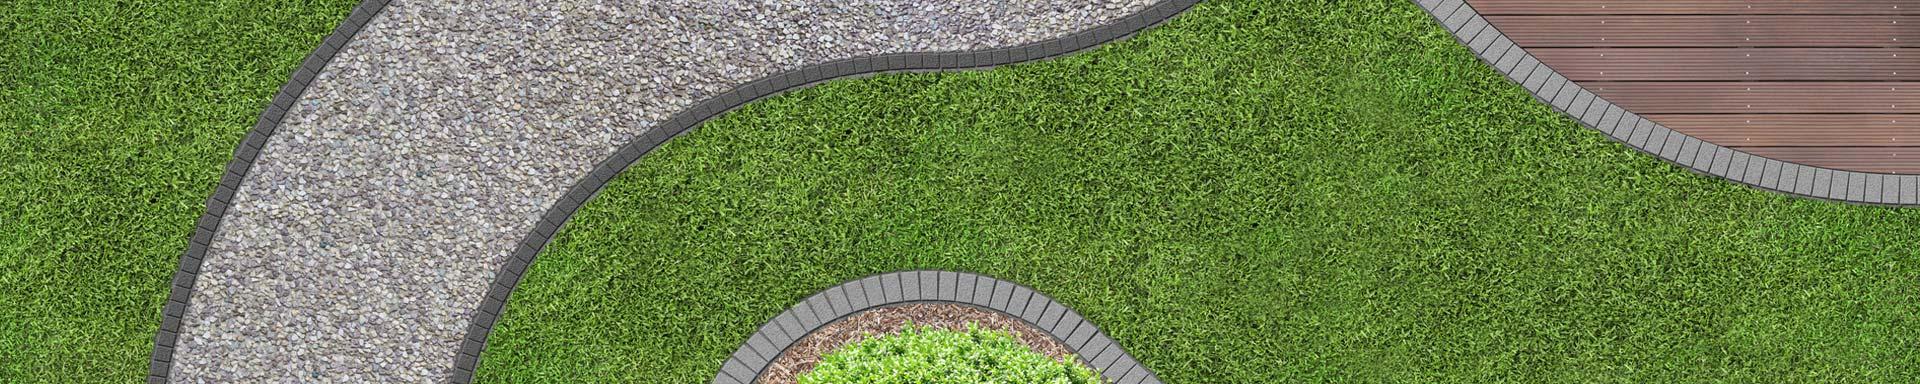 Garten Und Landschaftsbau Stuttgart garten und landschaftsbau stuttgart gartenpflege und gartenbau